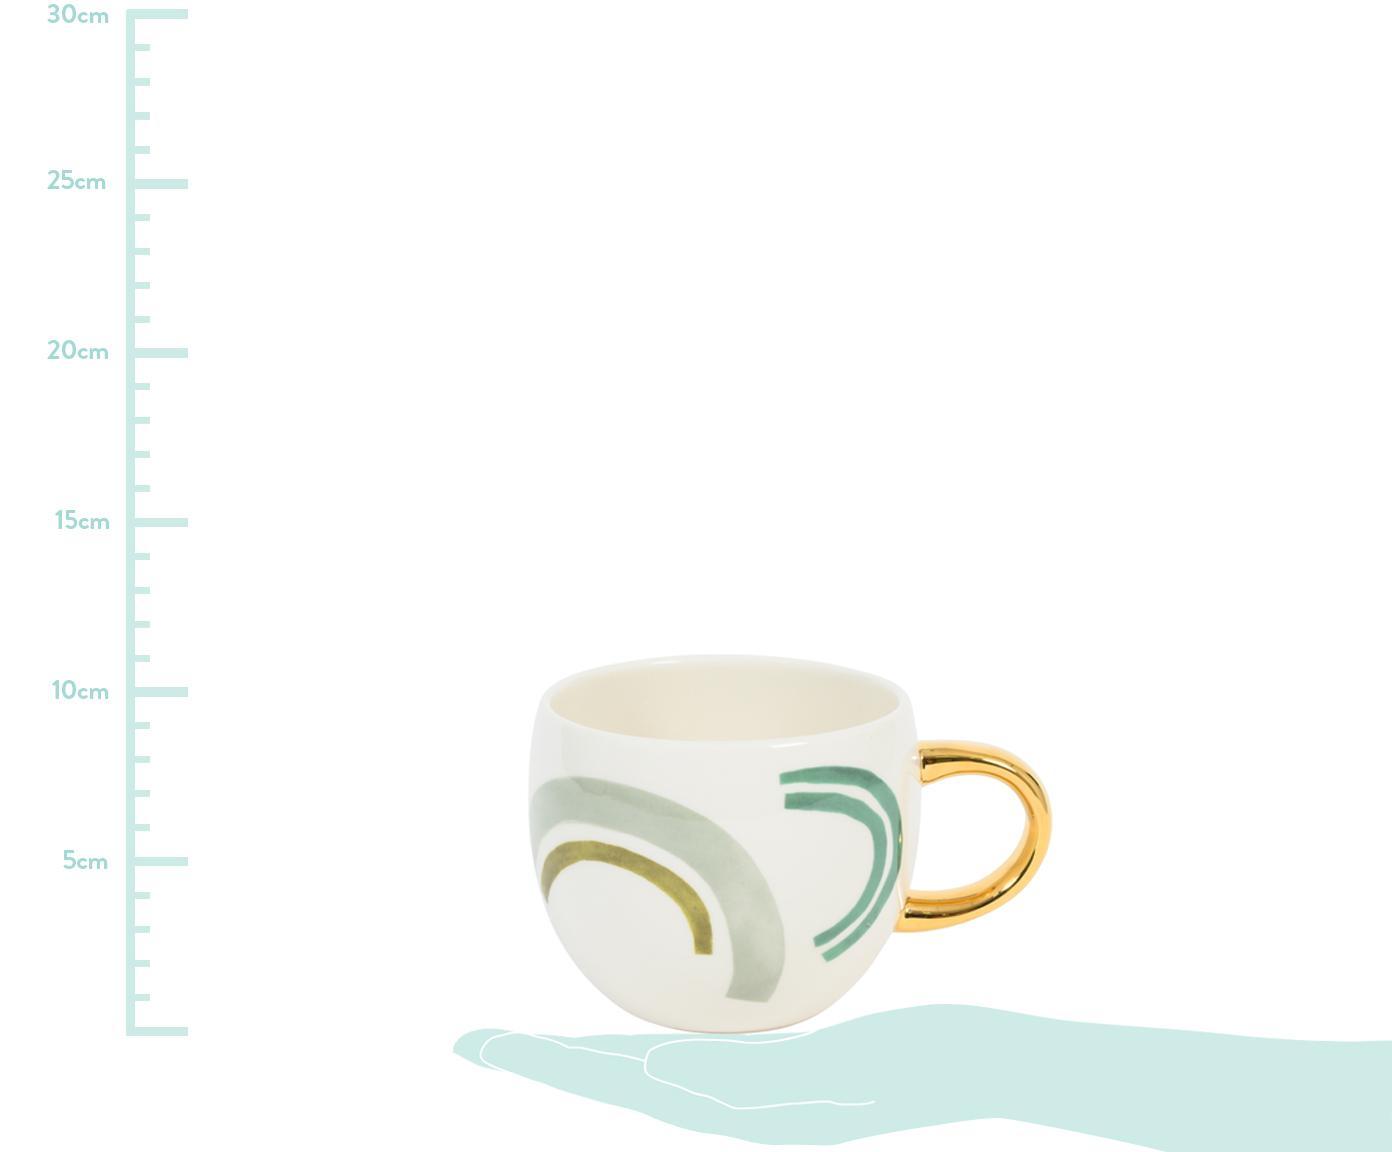 Malovaný kávový šálek se zlatým ouškem Bounce, Více barev